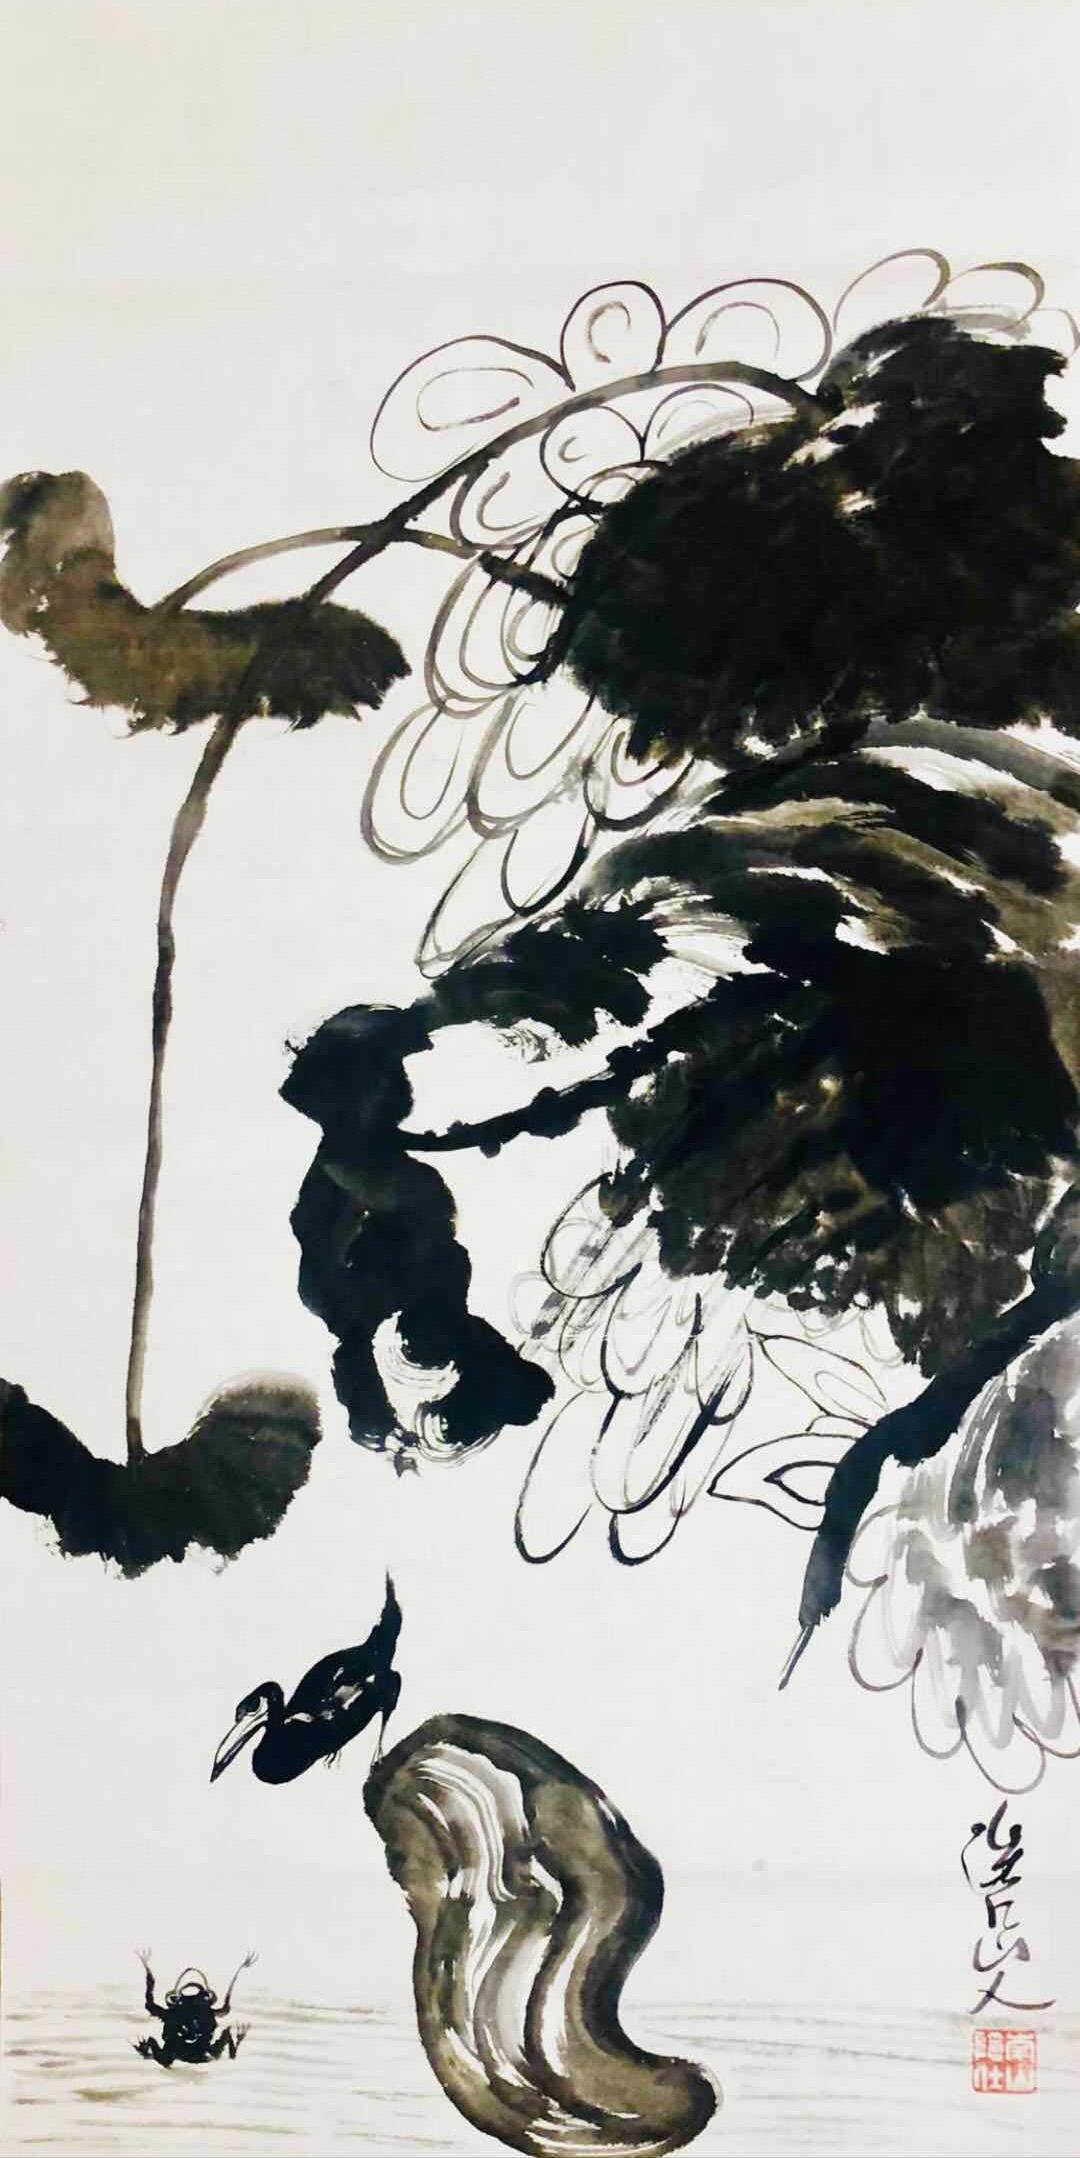 潘基文造访中国书画家朱祖国进行文化交流